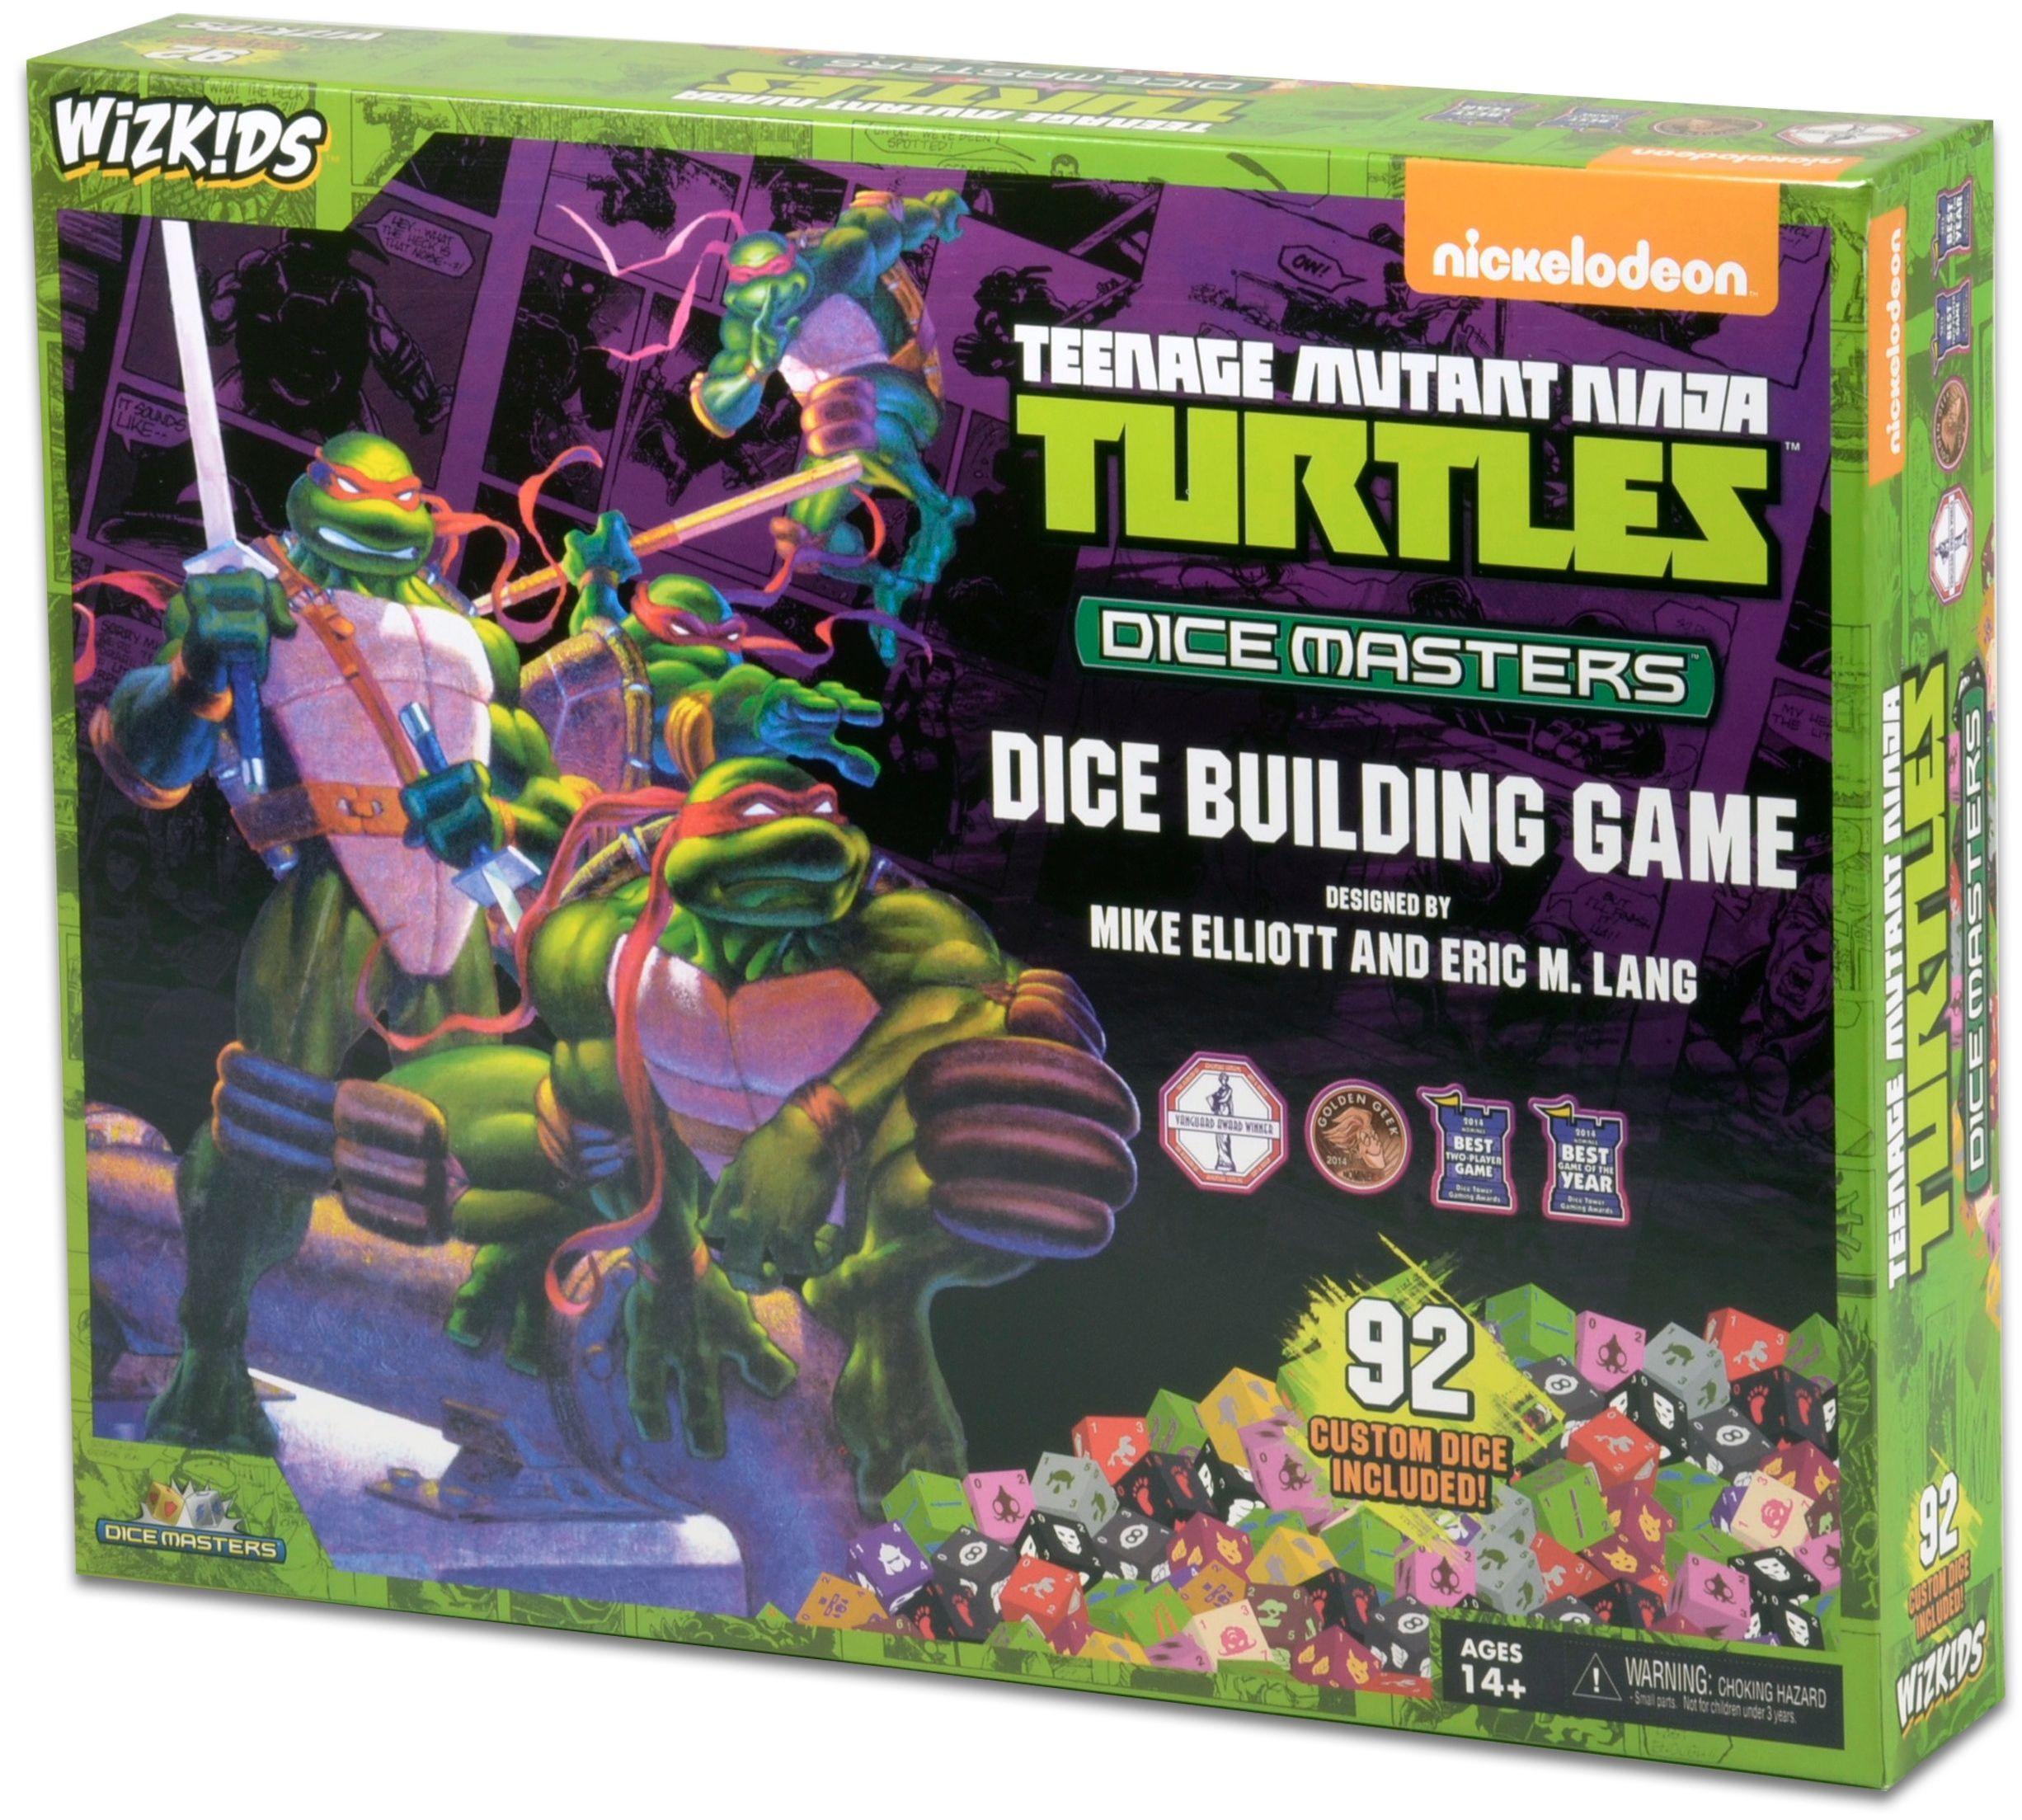 Teenage Mutant Ninja Turtles Dice Masters